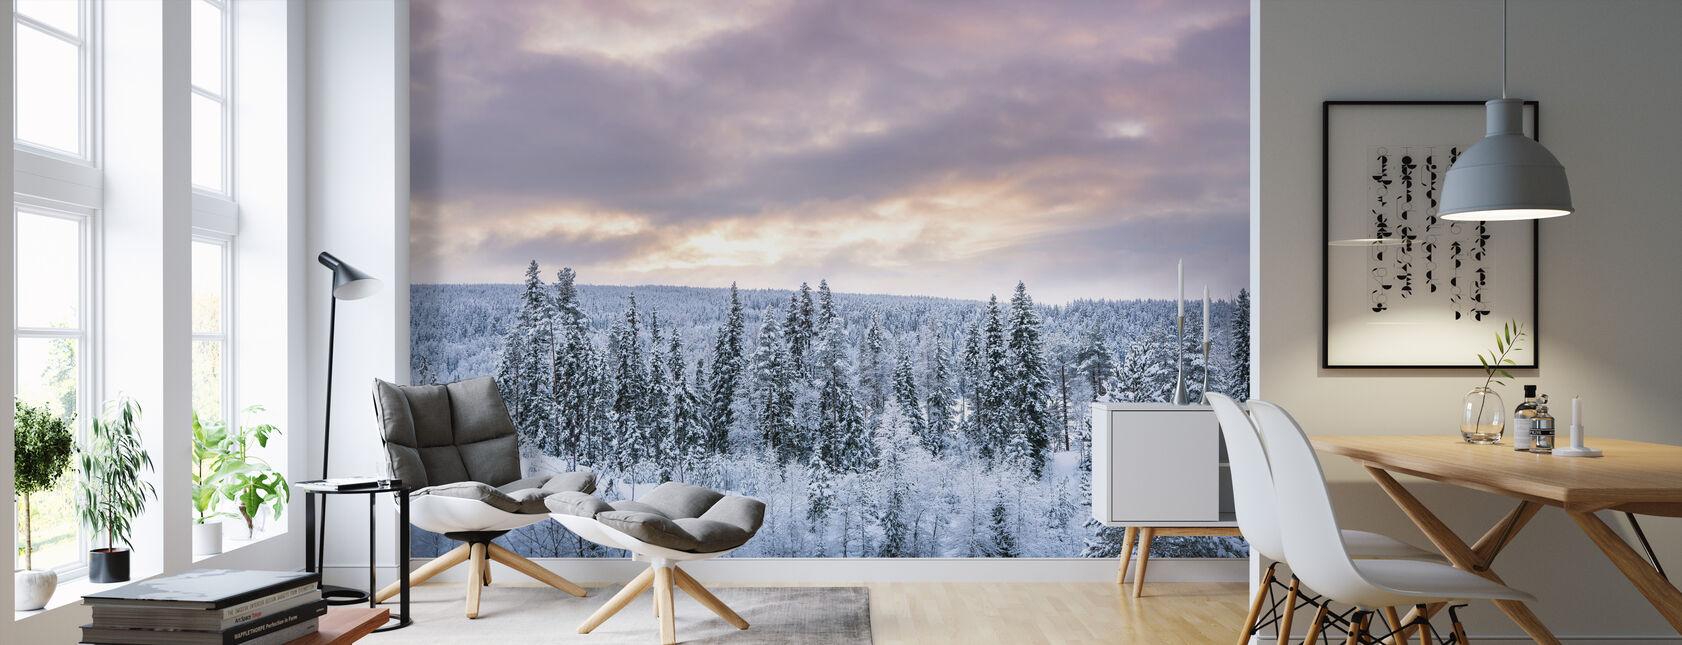 De winter komt eraan - Behang - Woonkamer